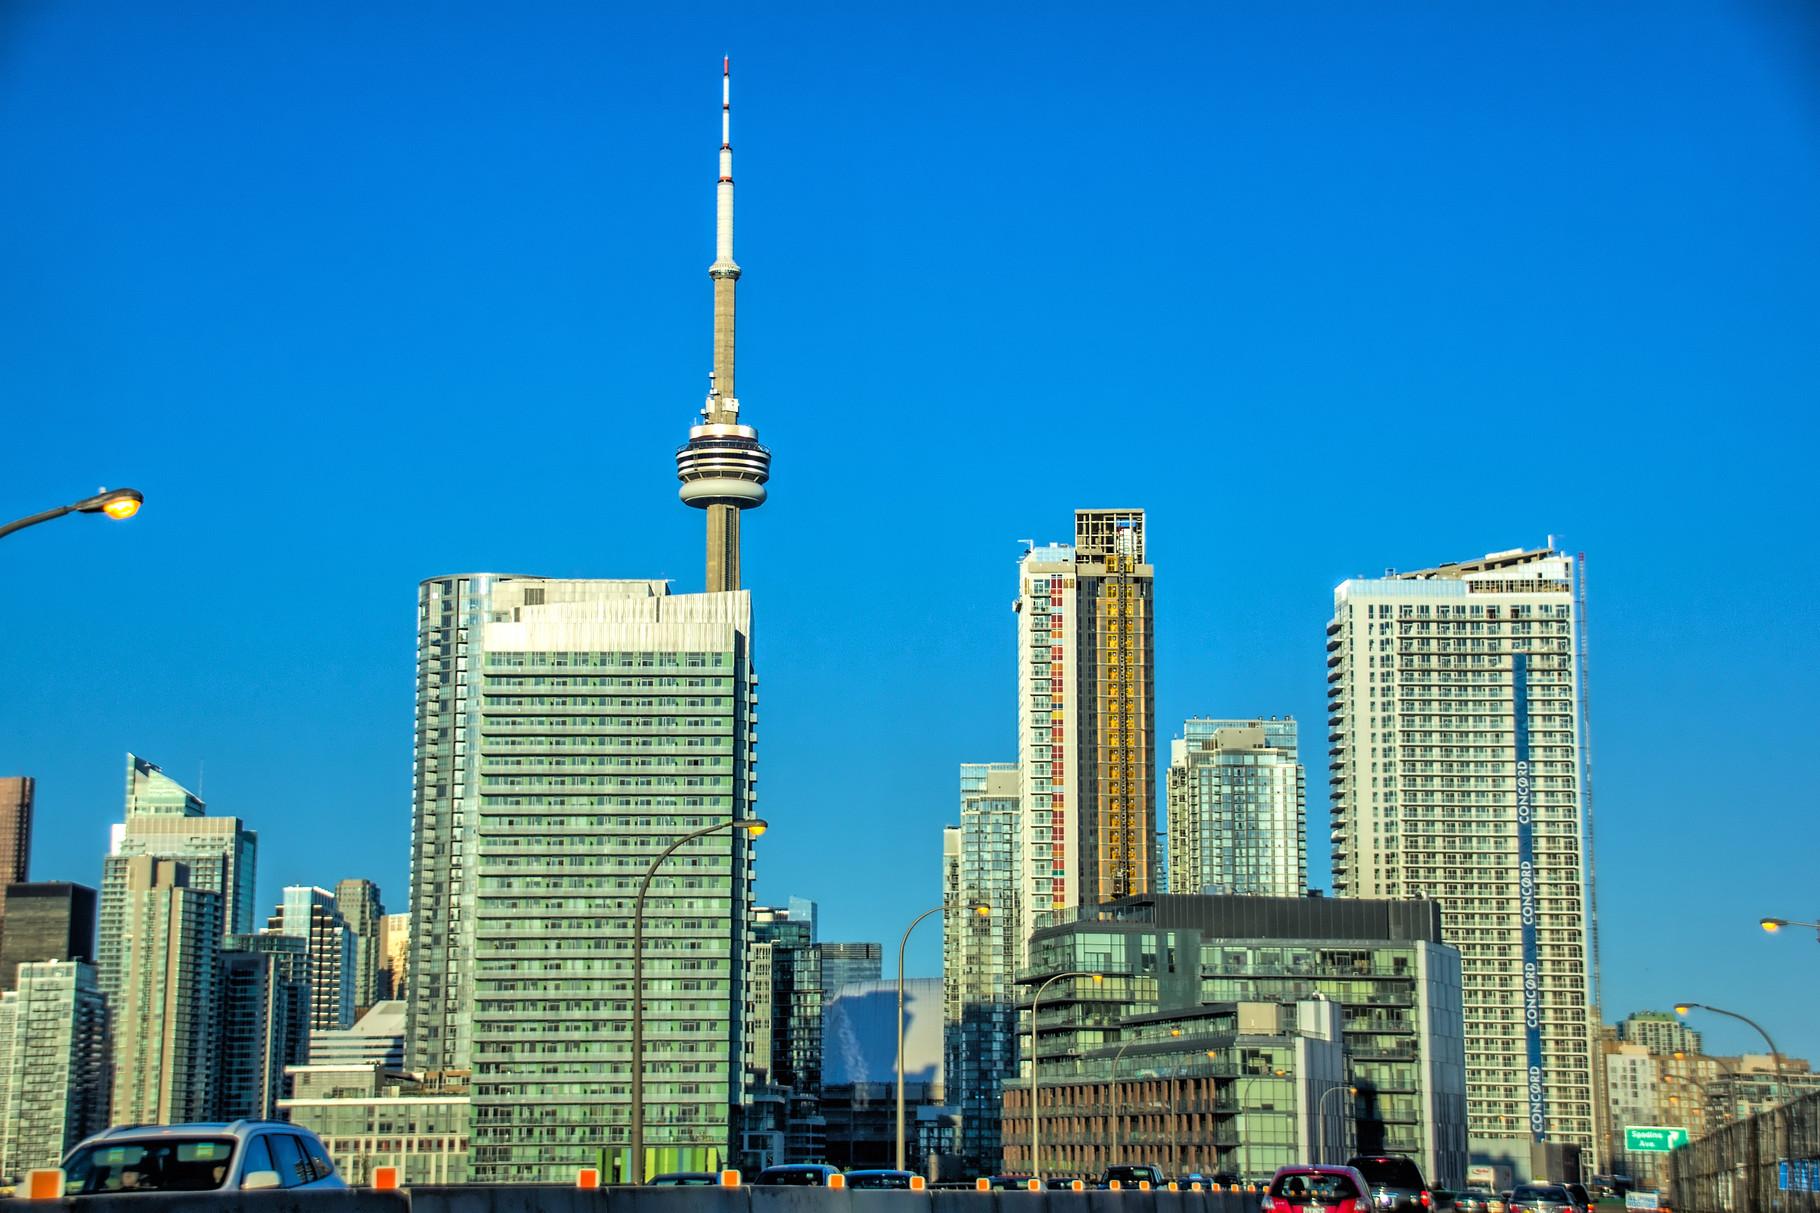 08_Erster Blick auf den CN-Tower aus dem Auto heraus_HDR.